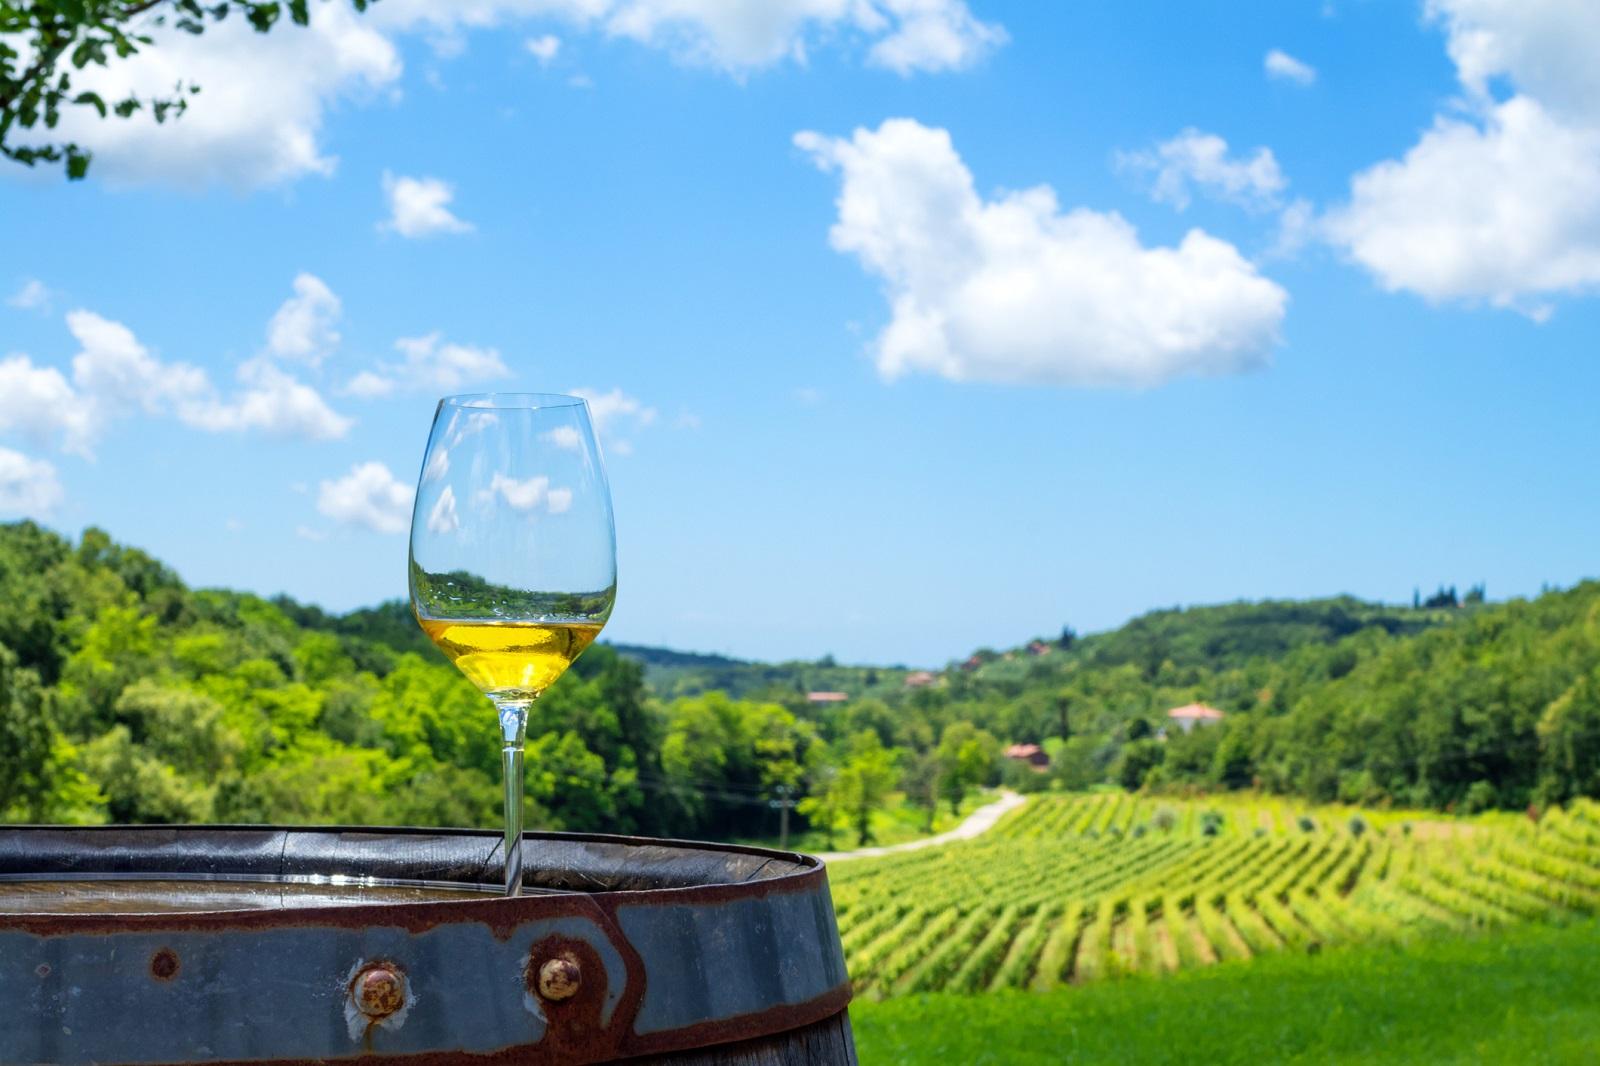 glass of white wine on vineyard in Istria, Croatia.